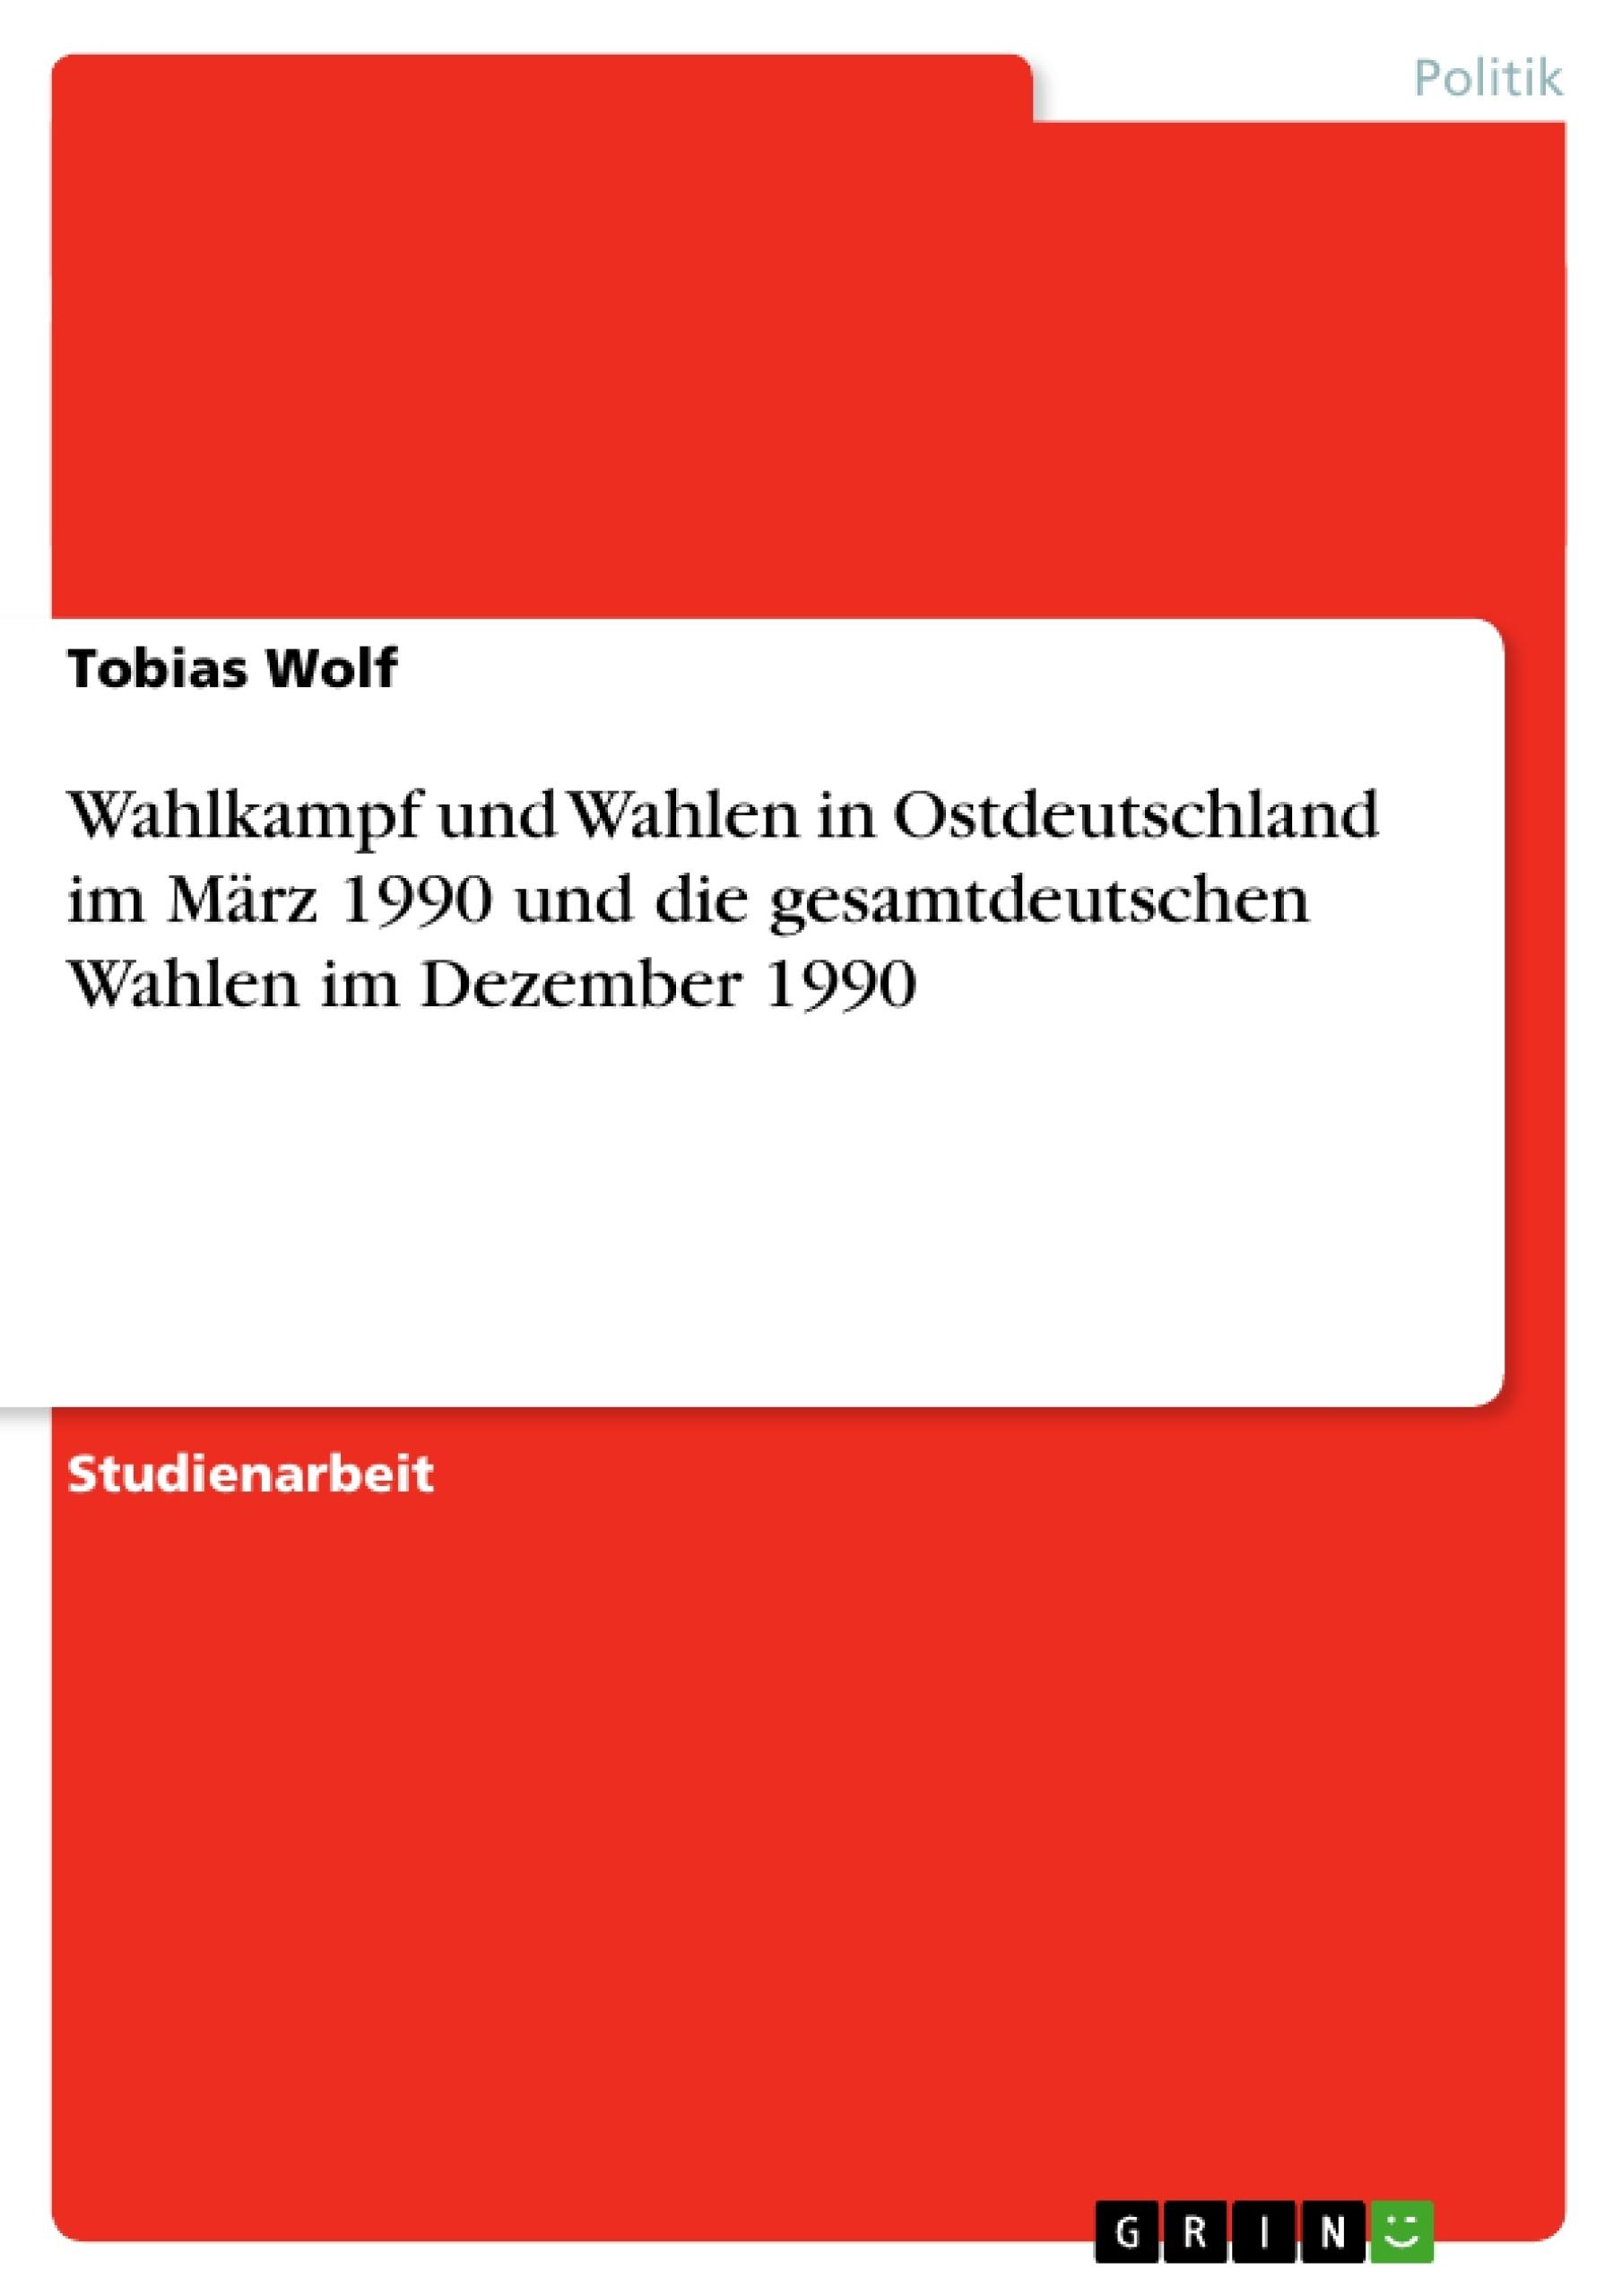 Titel: Wahlkampf und Wahlen in Ostdeutschland im März 1990 und die gesamtdeutschen Wahlen im Dezember 1990